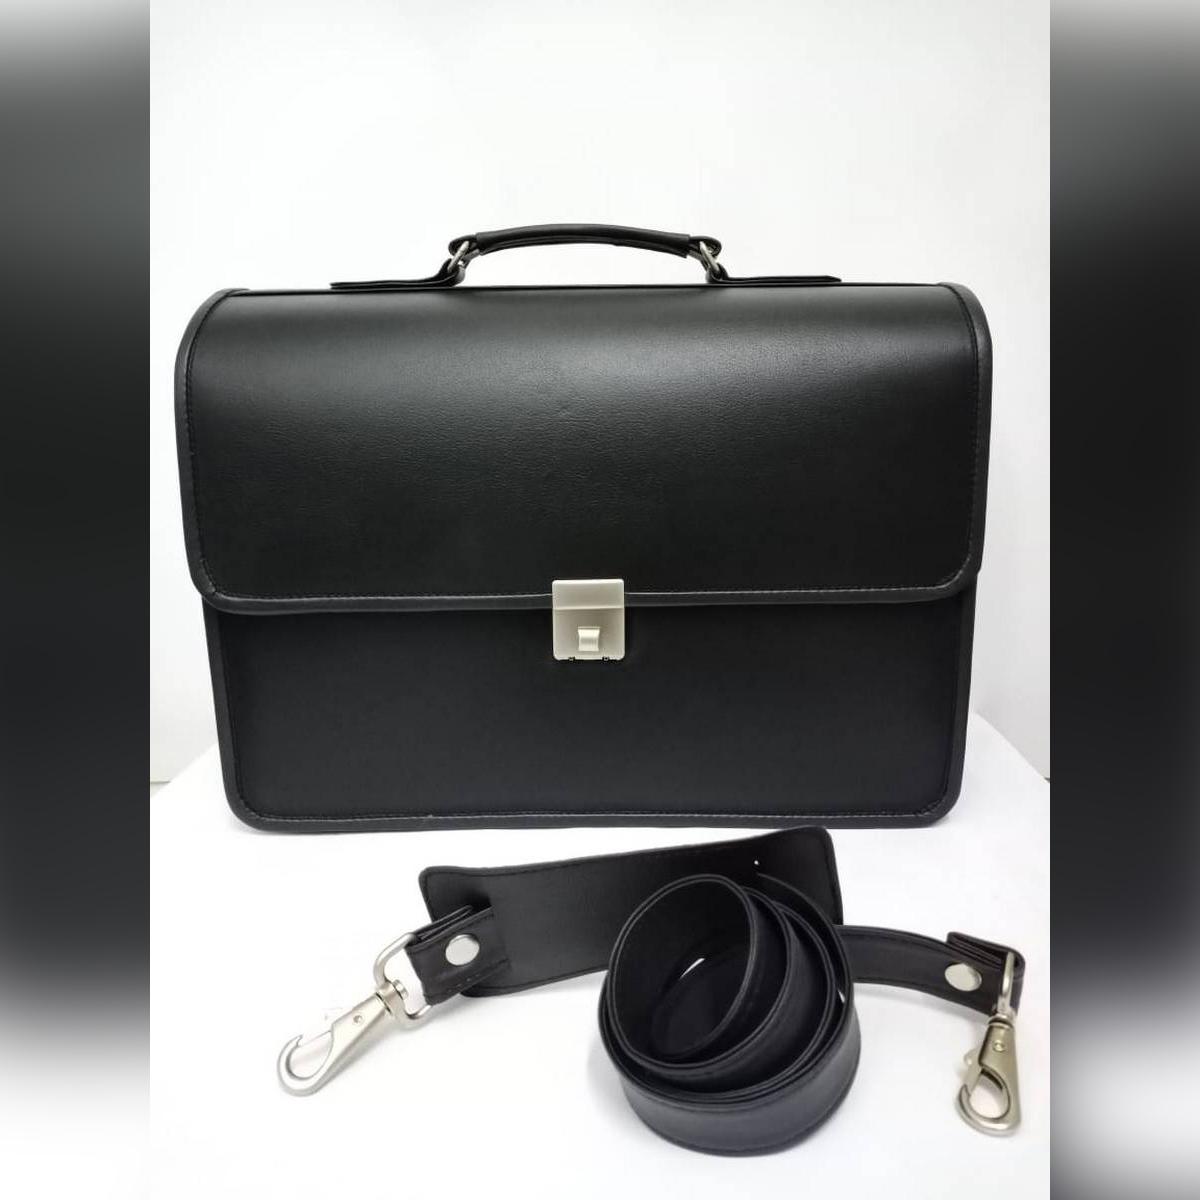 Elegant leather bag (PU) / leather men's bag / spacious bag / men office bag / travel bag / lock bag / luggage bag /shoulder bag / briefcase bag / anti-theft bag / big bag / laptop bag / business bag / executive PU leather bag / file bag/ document bag